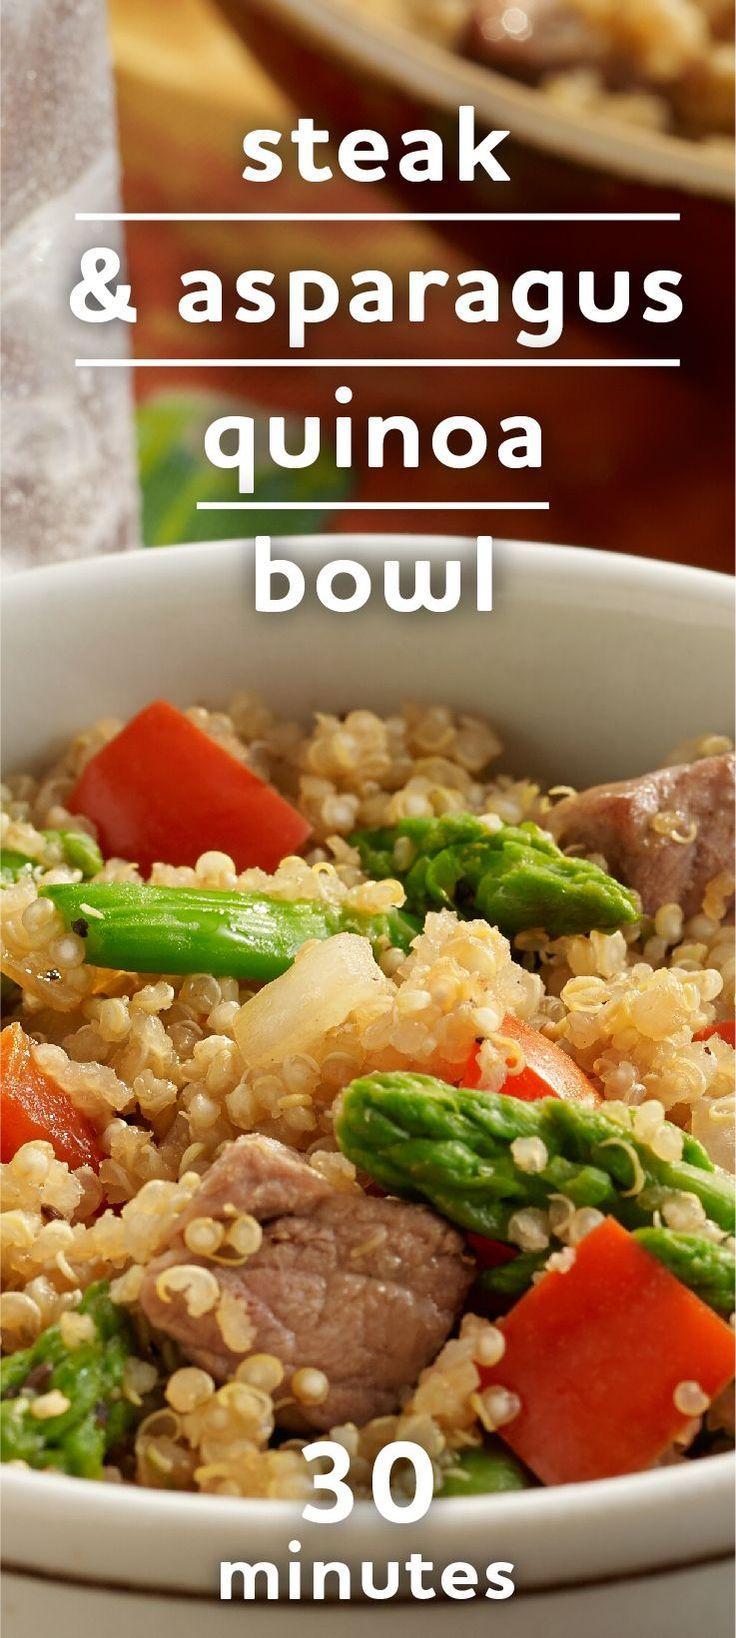 Steak And Asparagus Quinoa Bowl Easy Quinoa Recipe Combines Cooked Quinoa With Tender Pieces Of Beef Asparagus Quinoa Recipes Easy Advocare Recipes Recipes